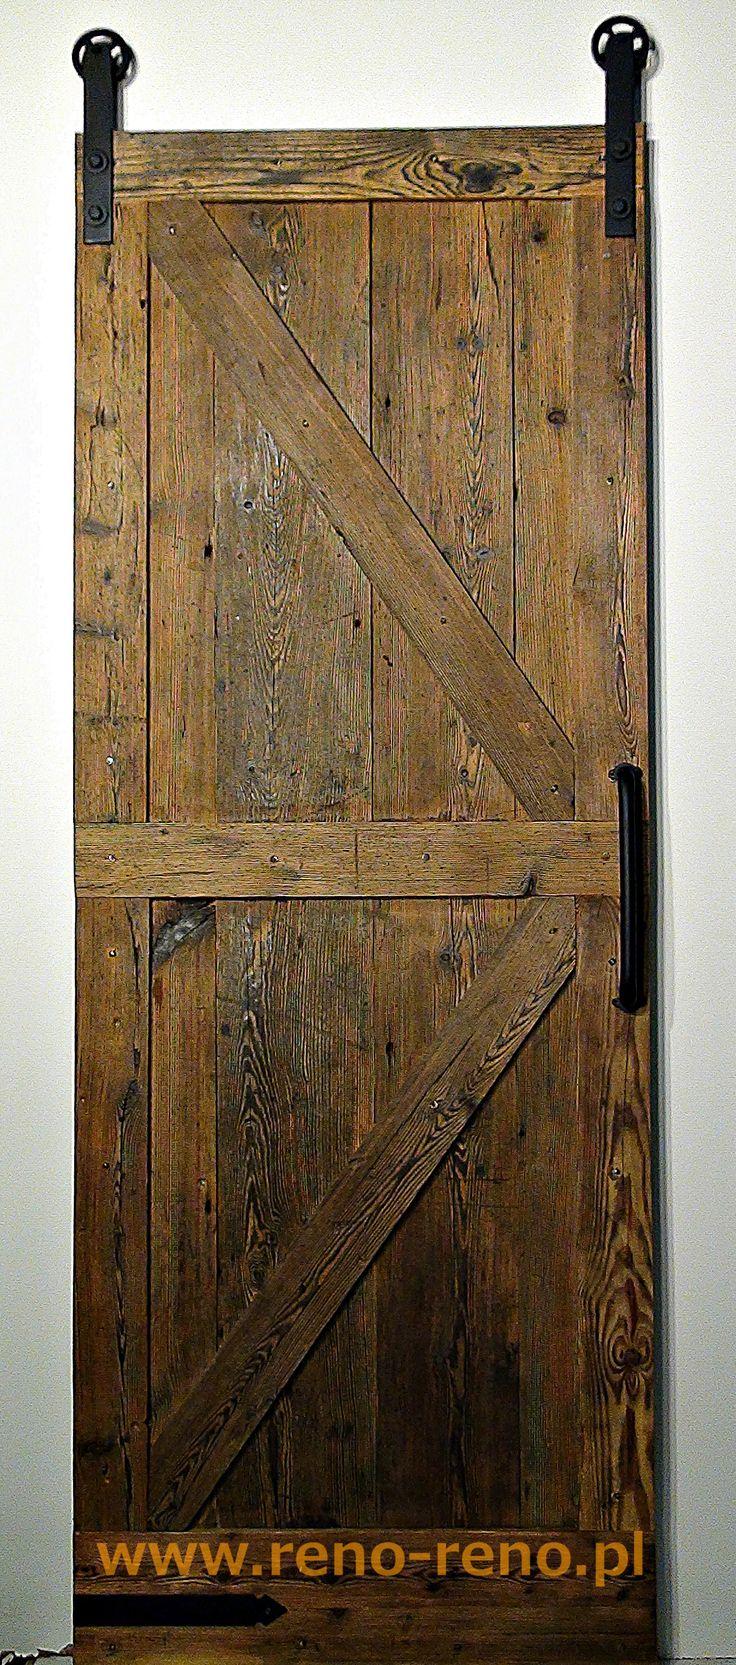 Piękne rustykalne drzwi przesuwne naścienne. Pracownia Reno.